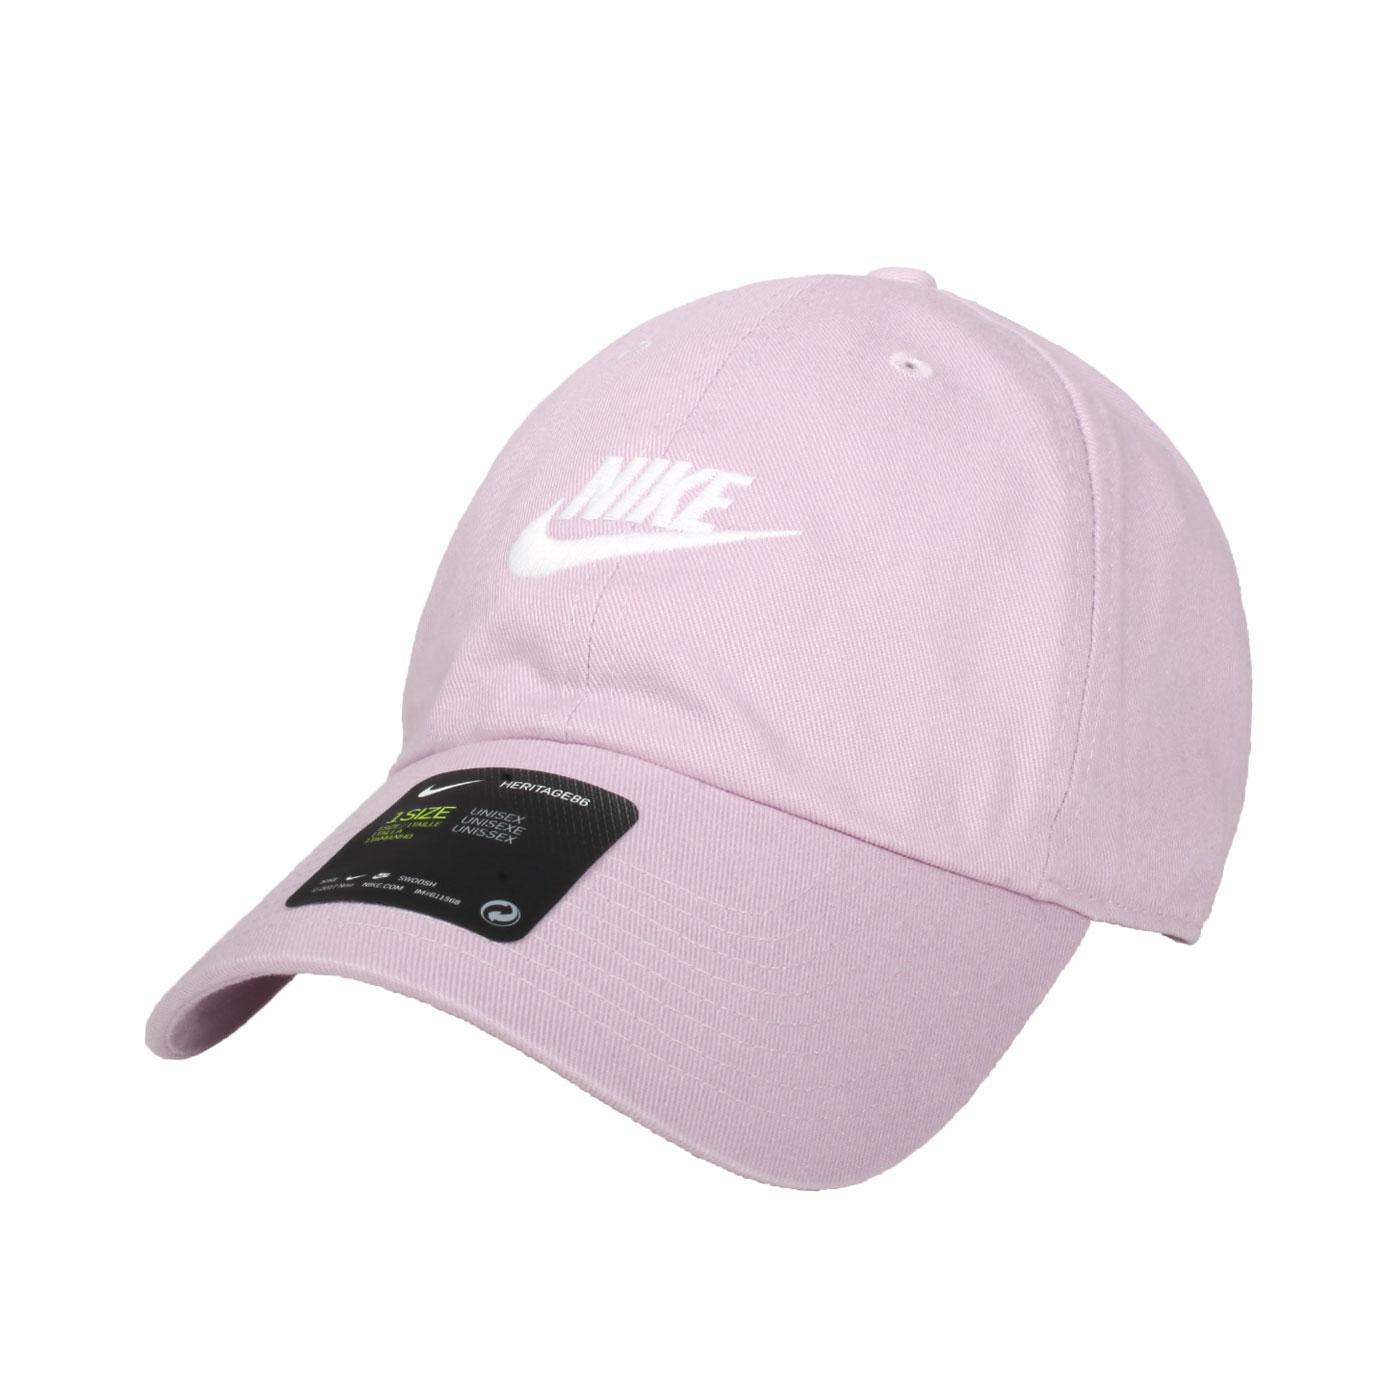 NIKE 棒球帽 913011-576 - 紫白